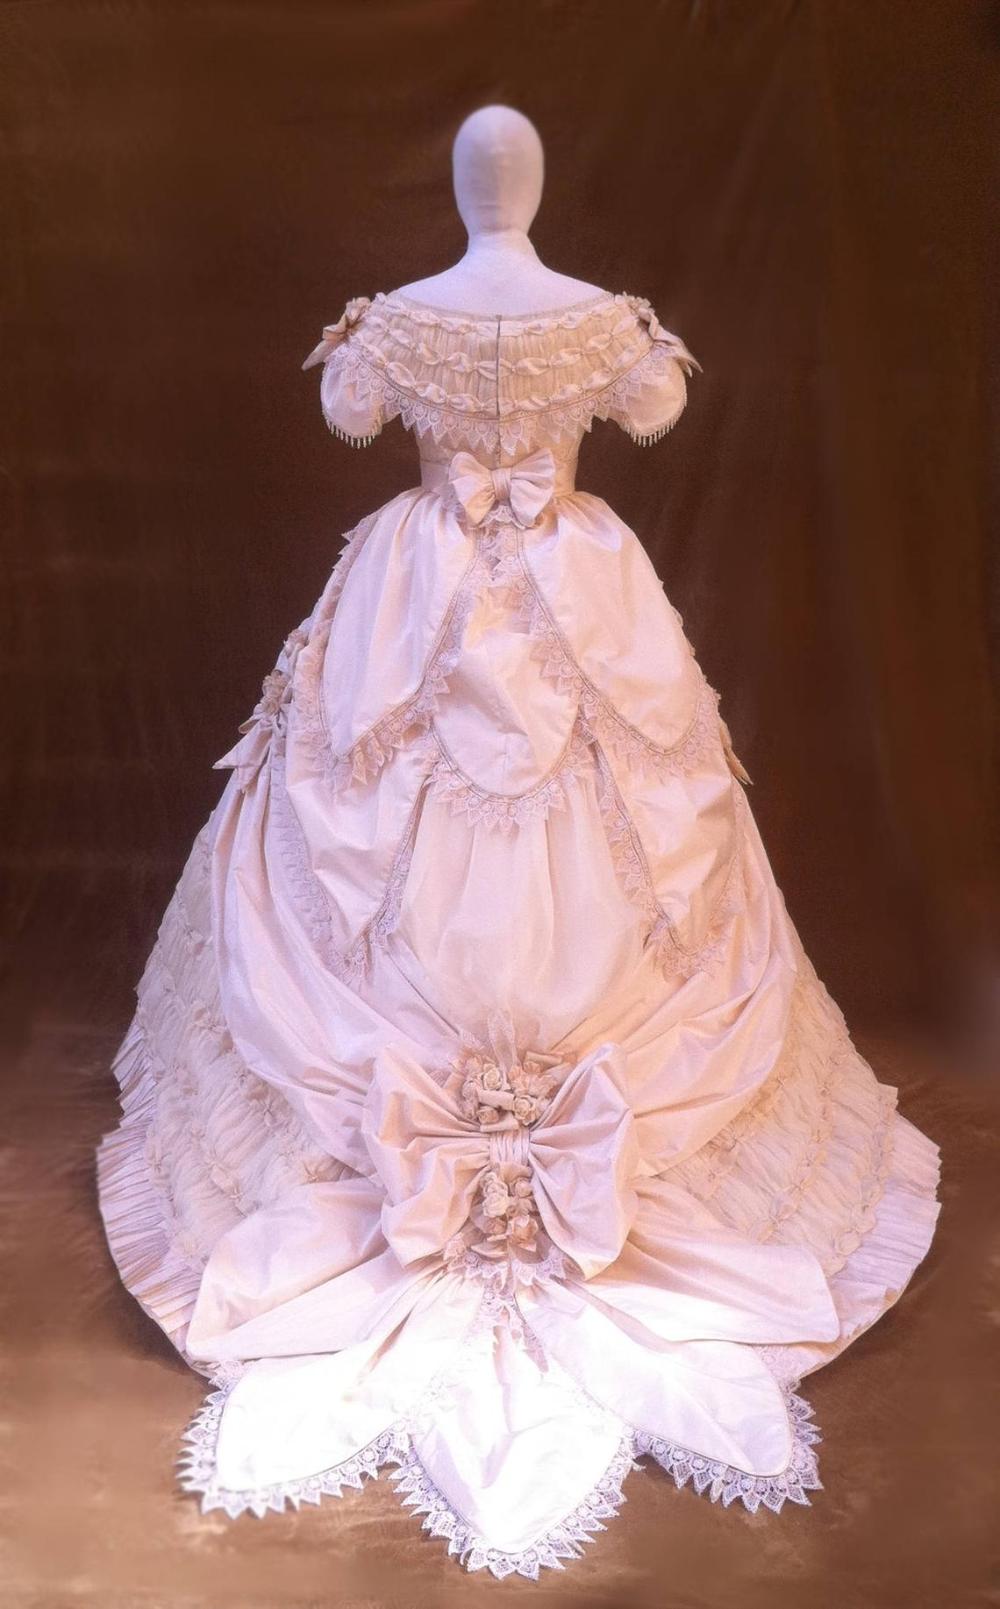 1860s Wedding Dress Ball Gown Victorian Dress Ball Dresses Ball Gowns Victorian Historical Dresses [ 1609 x 1000 Pixel ]